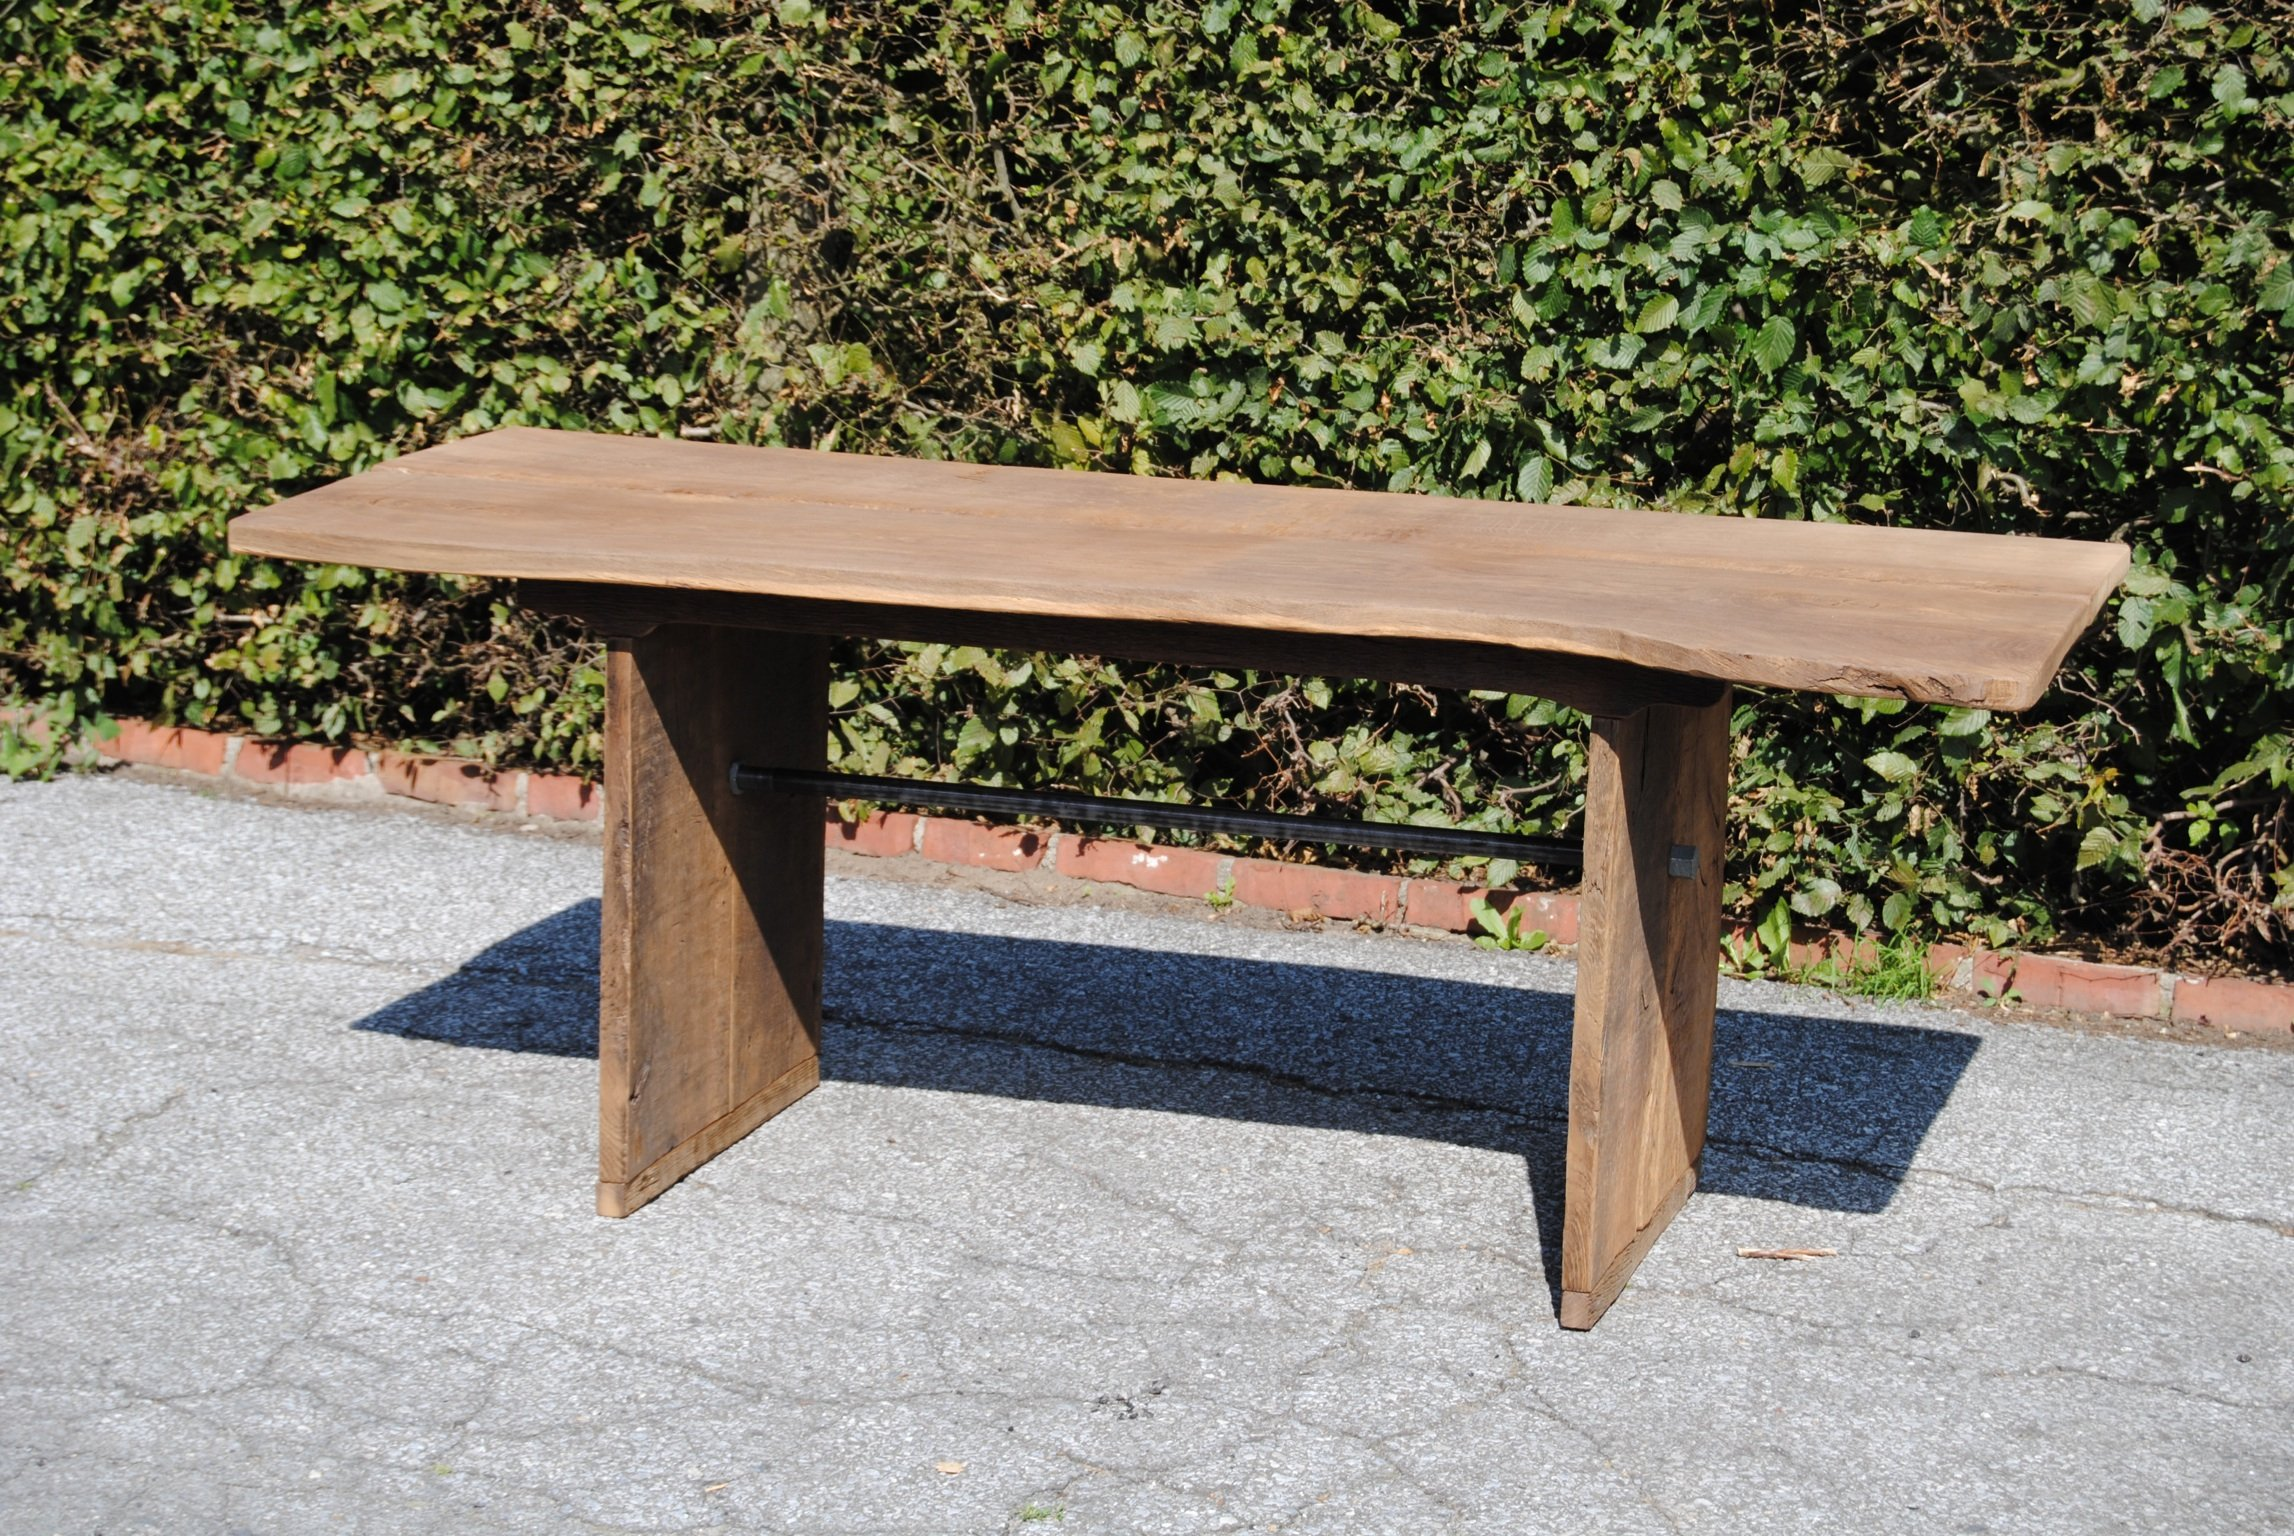 GartenmObel Holz Unbehandelt ~ Gartentisch aus 200 Jahre alter Eiche, 160 cm x 80cm, unbehandelt